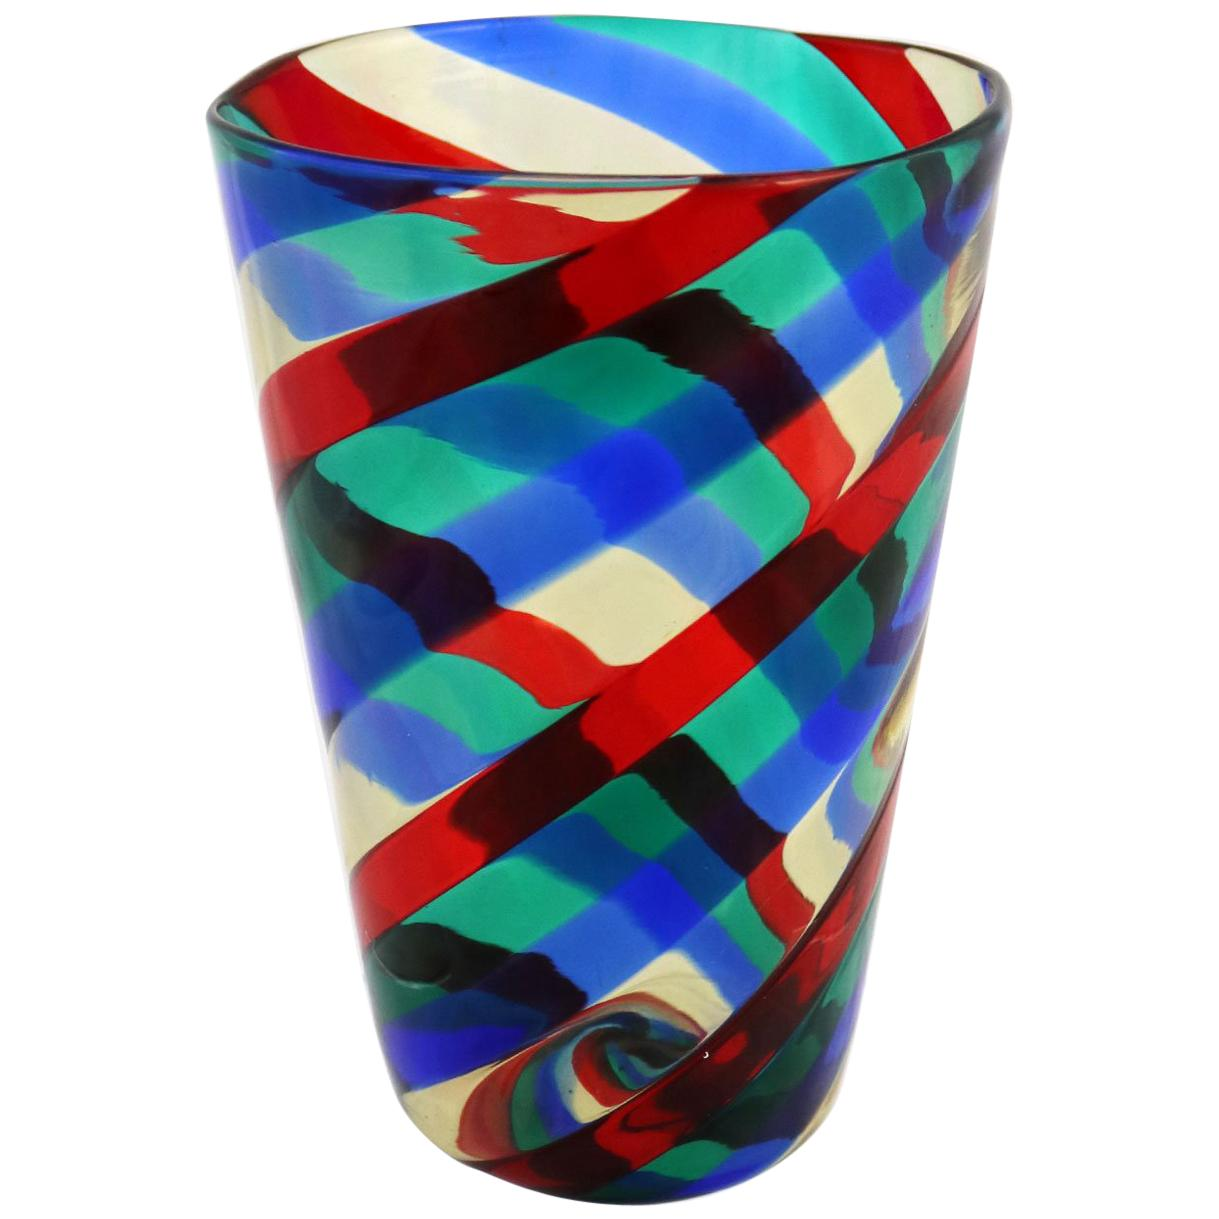 Fasce Ritorte Red Blue Green Murano Glass Vase Fulvio Bianconi Attributed Venini